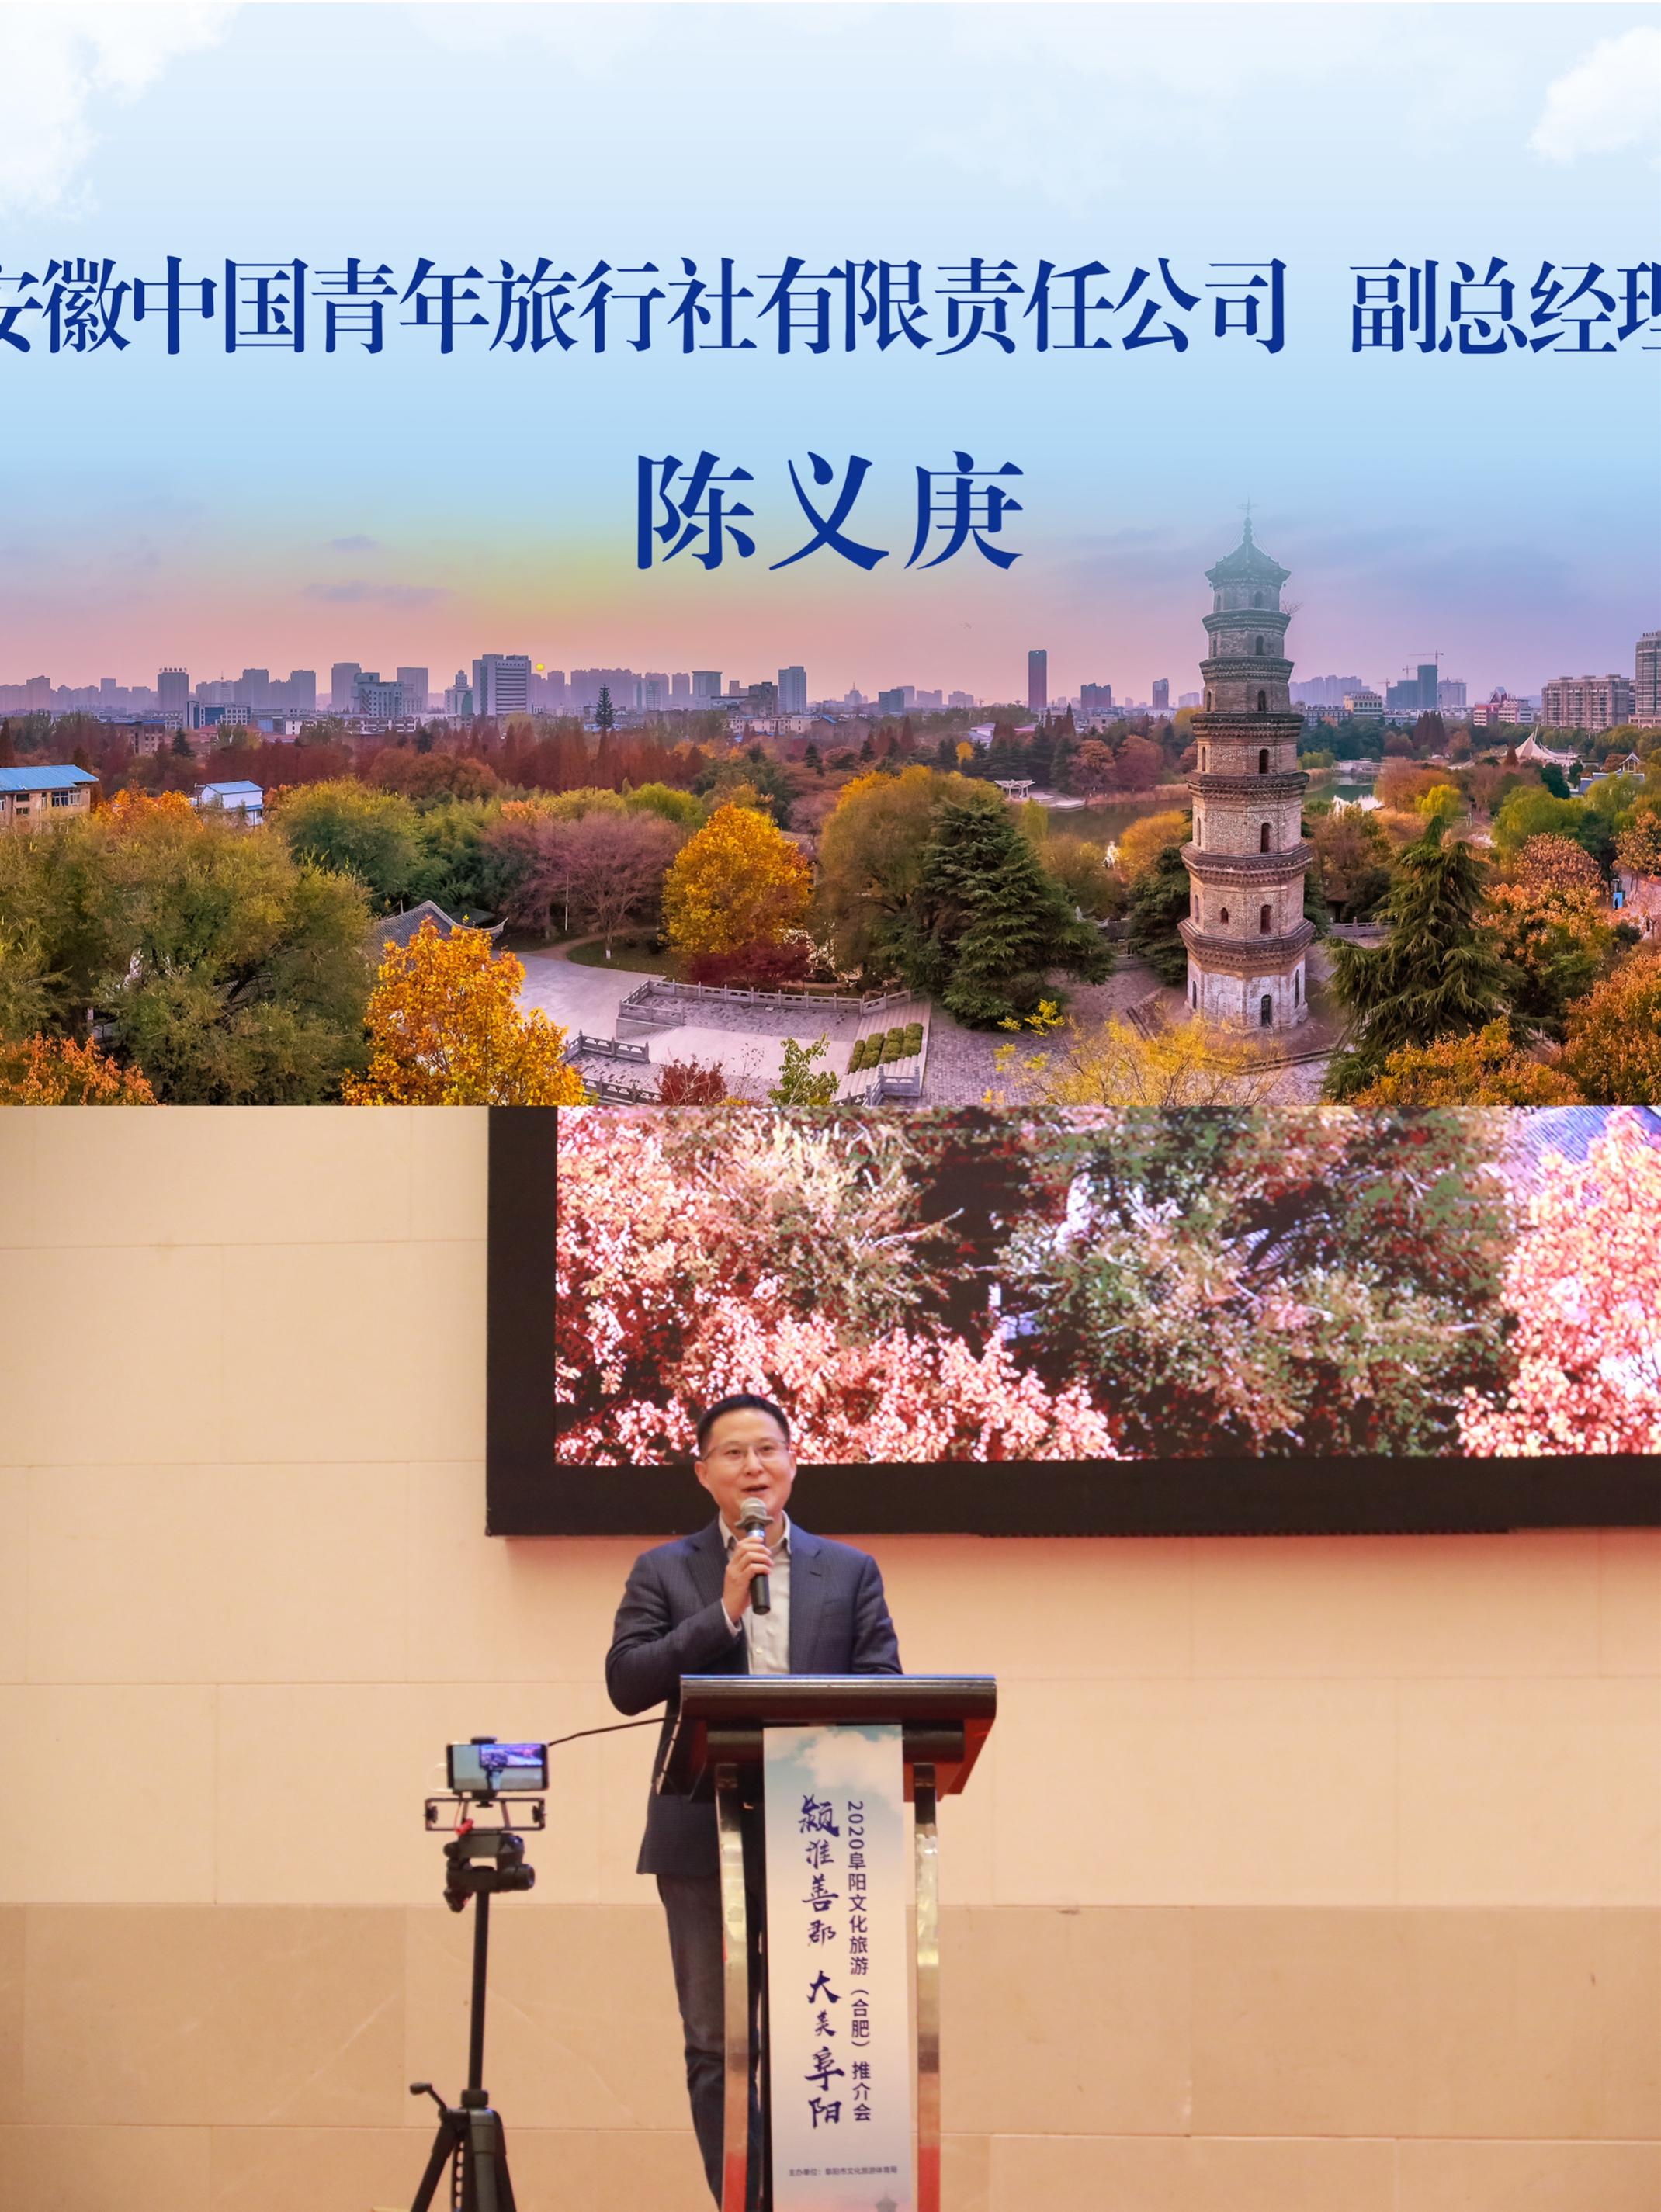 2020 阜阳文化旅游(合肥)推介会成功举办